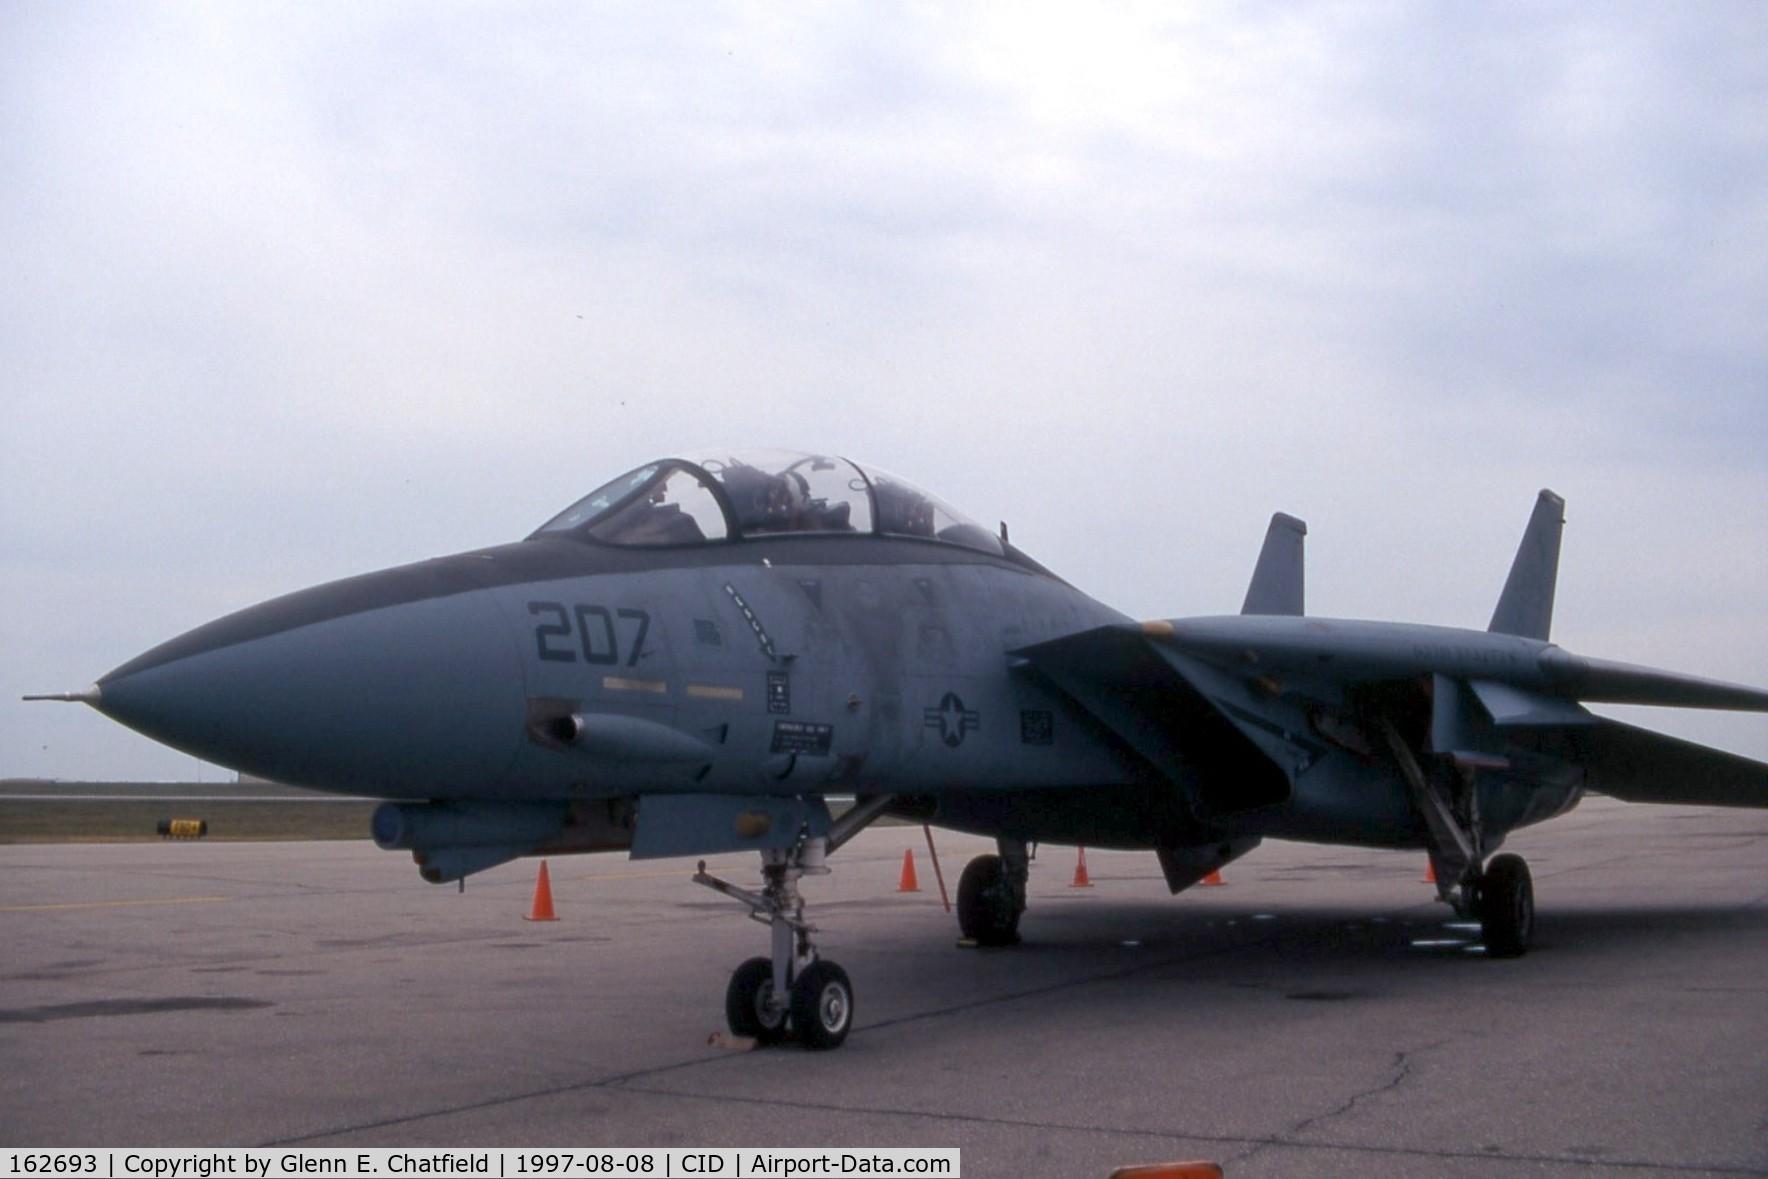 162693, Grumman F-14B Tomcat C/N 539, F-14B visiting